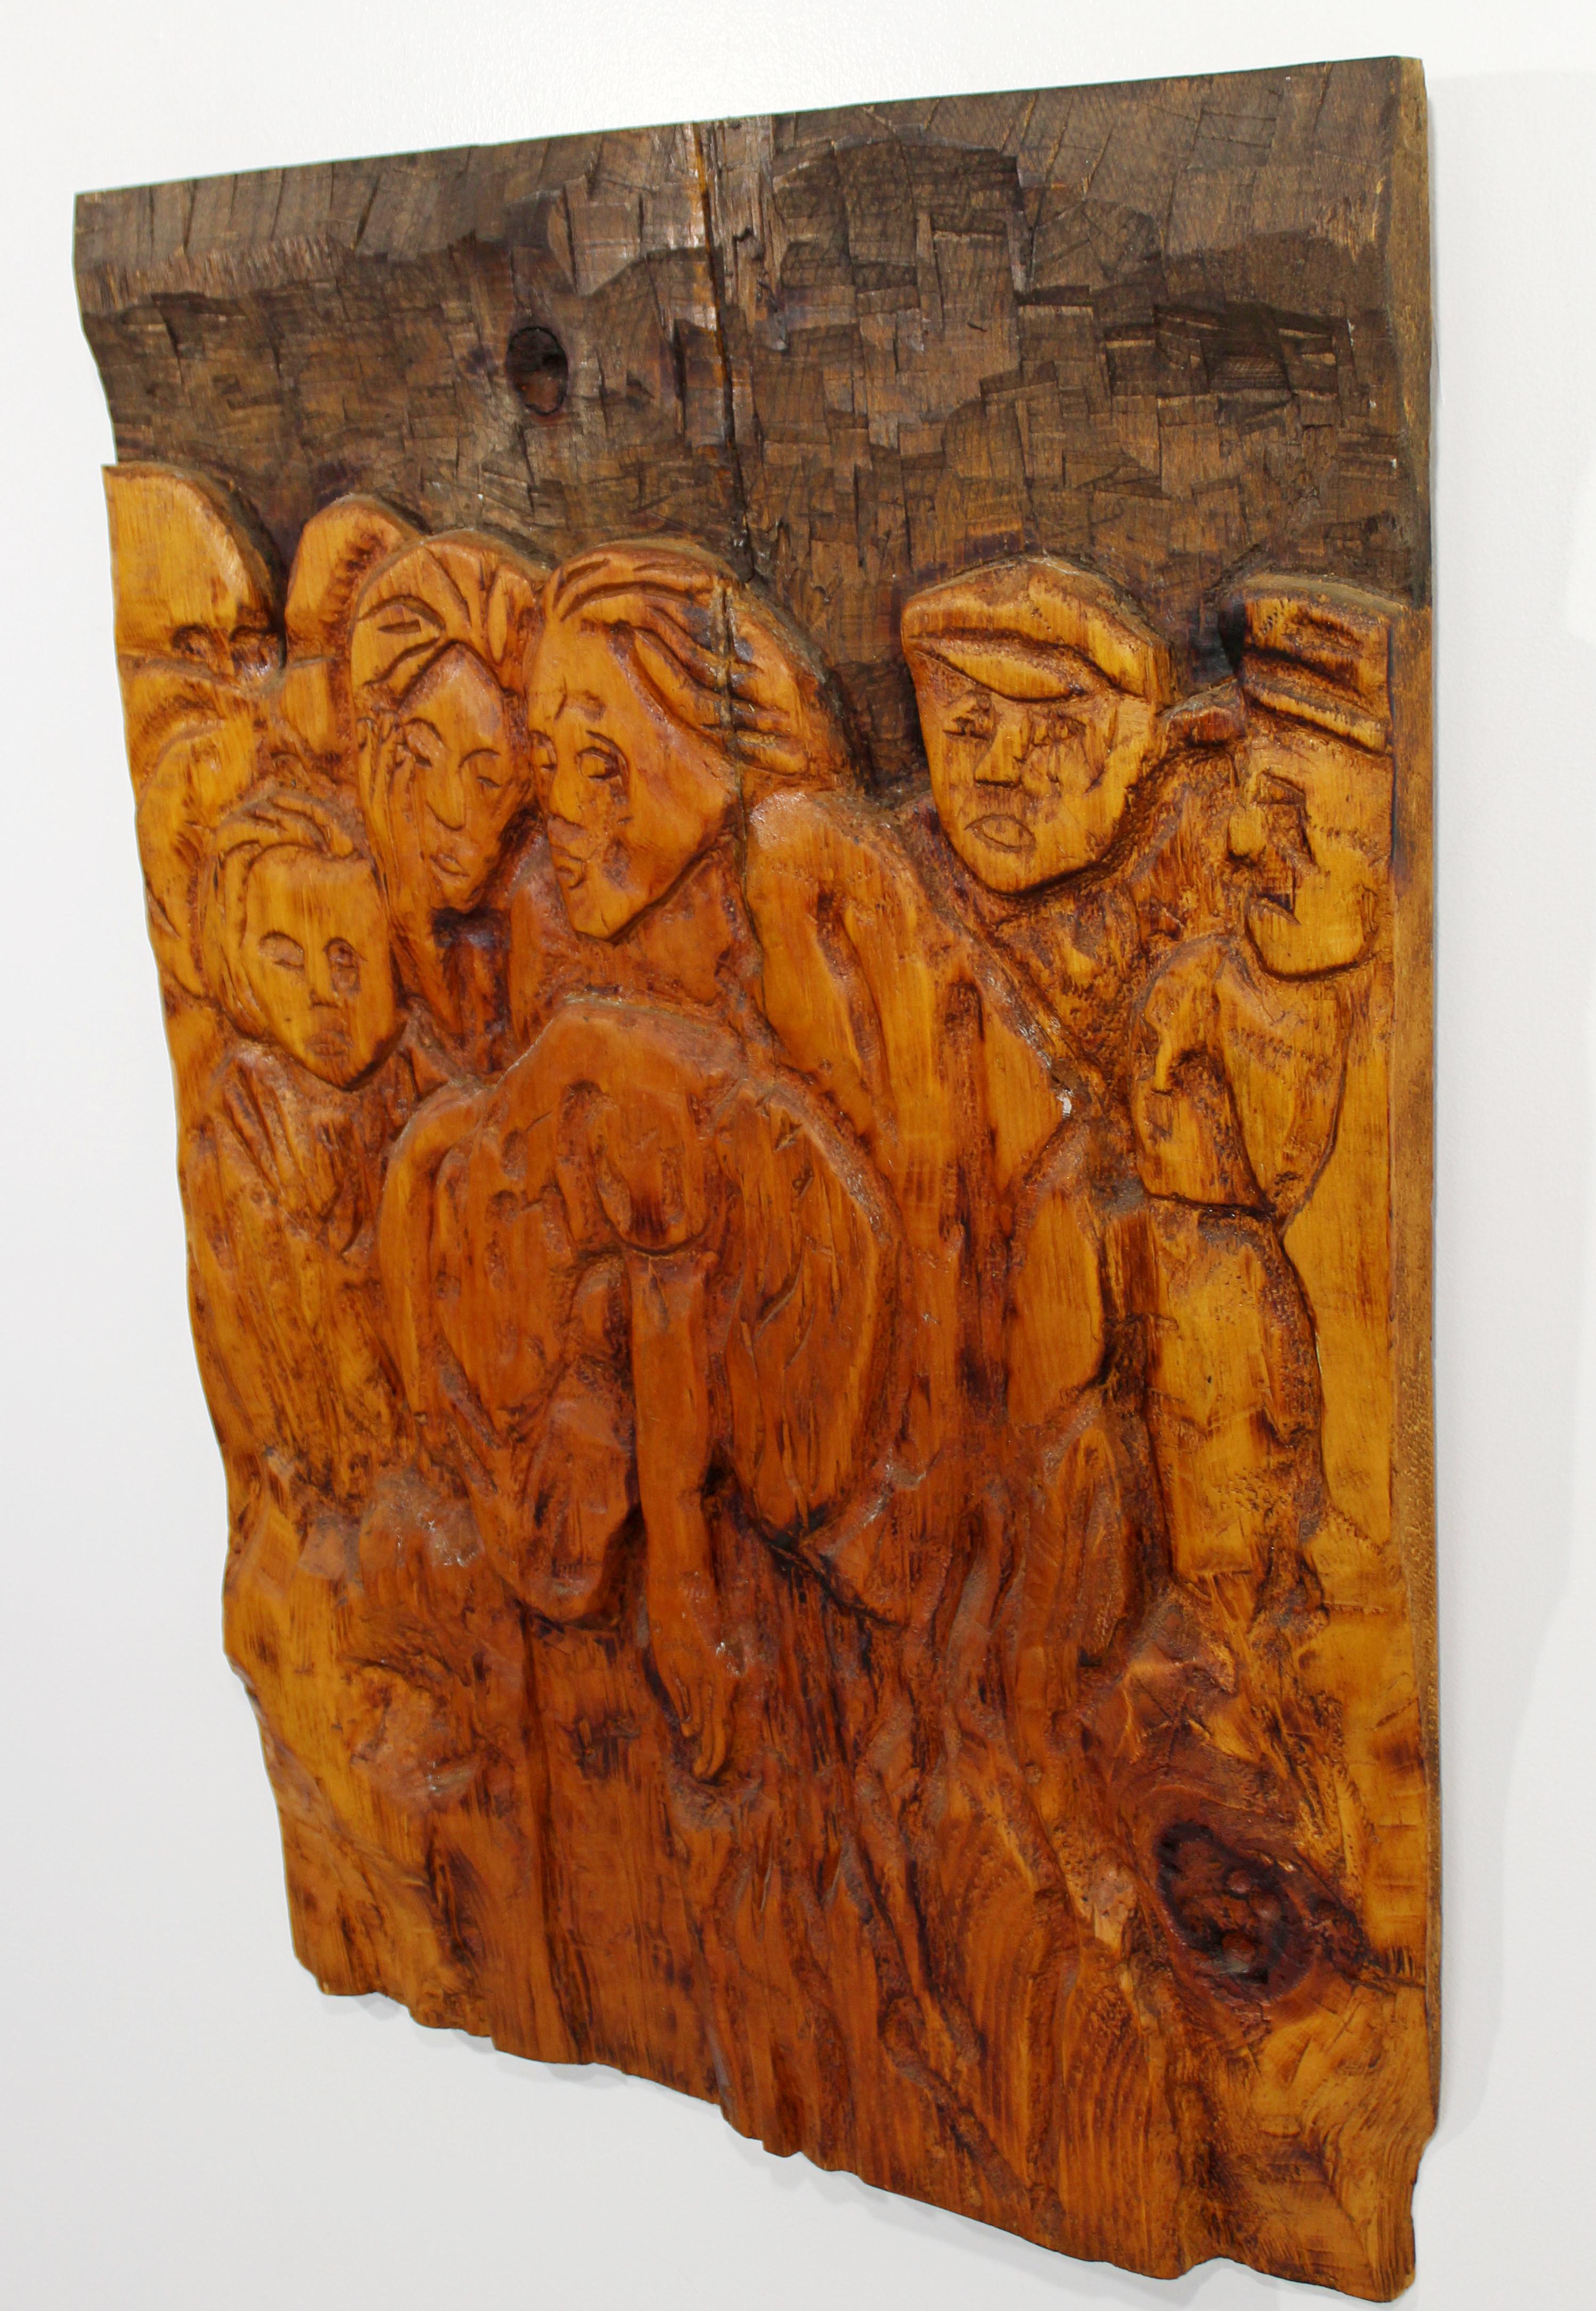 Mid Century Modern Modernist Wood Wall Art Sculpture Relief Jean Claude Gaugy